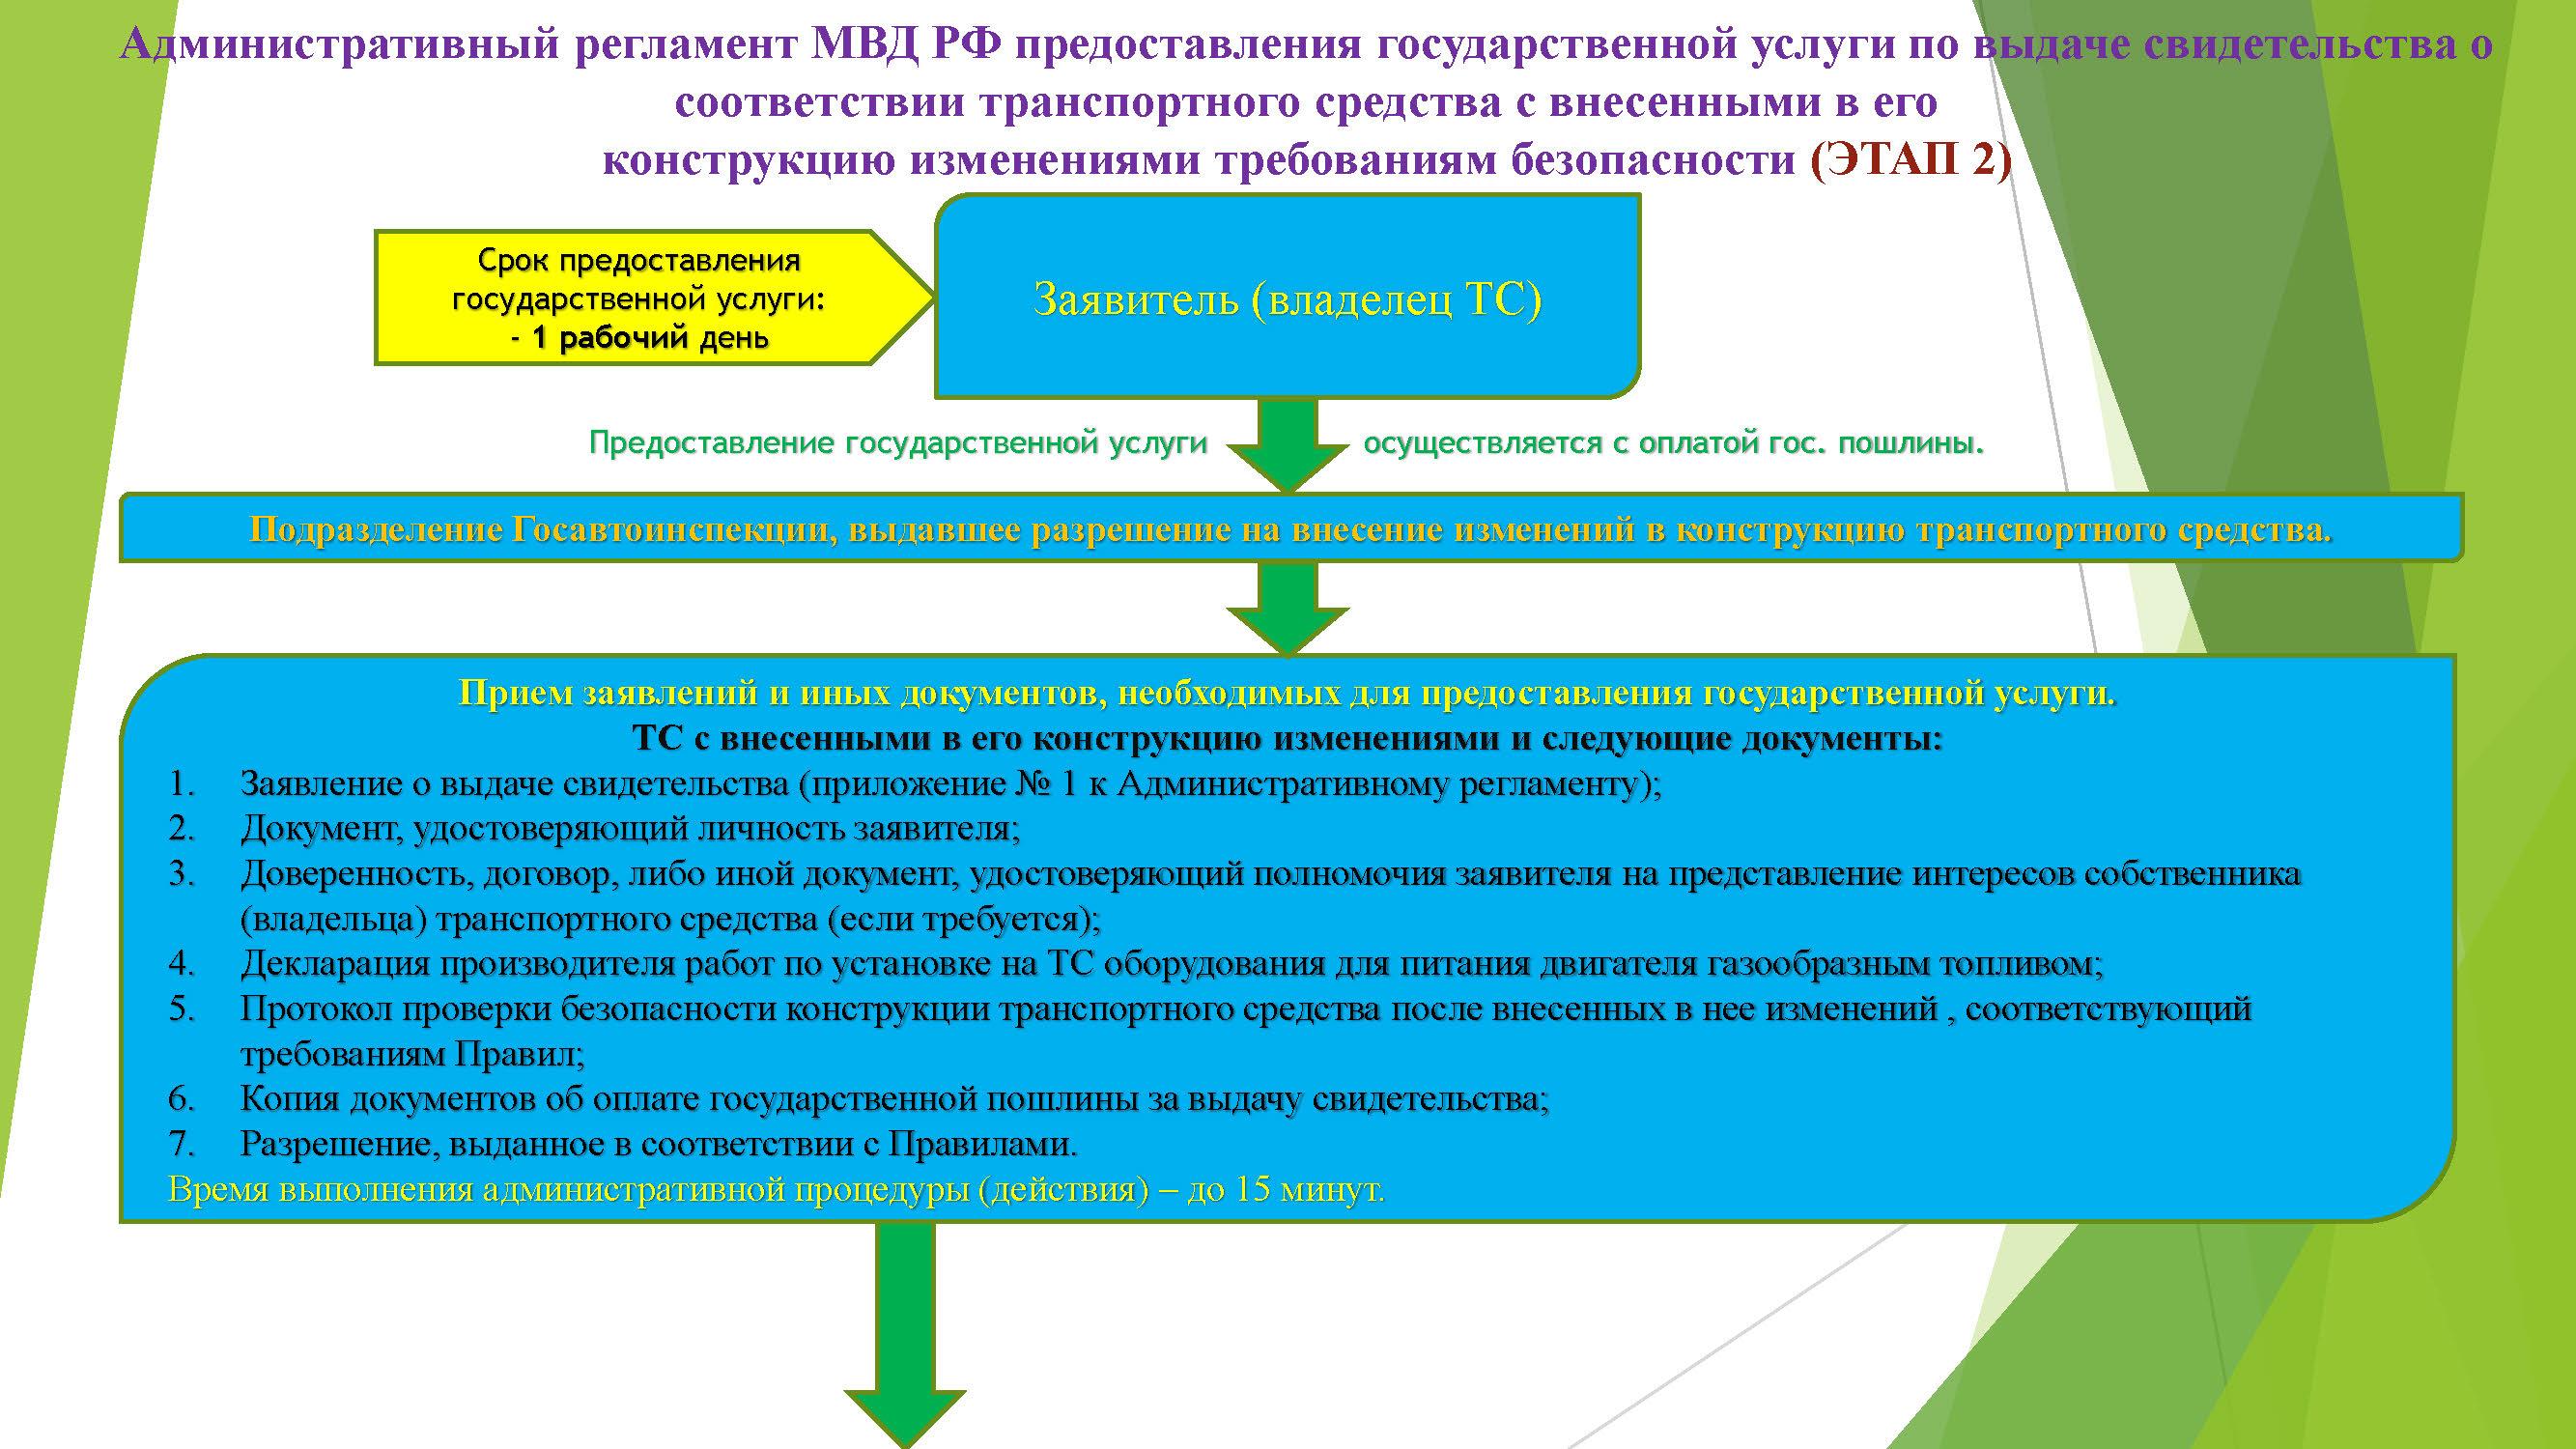 Админ регламент МВД этап 2 получение свидетельства